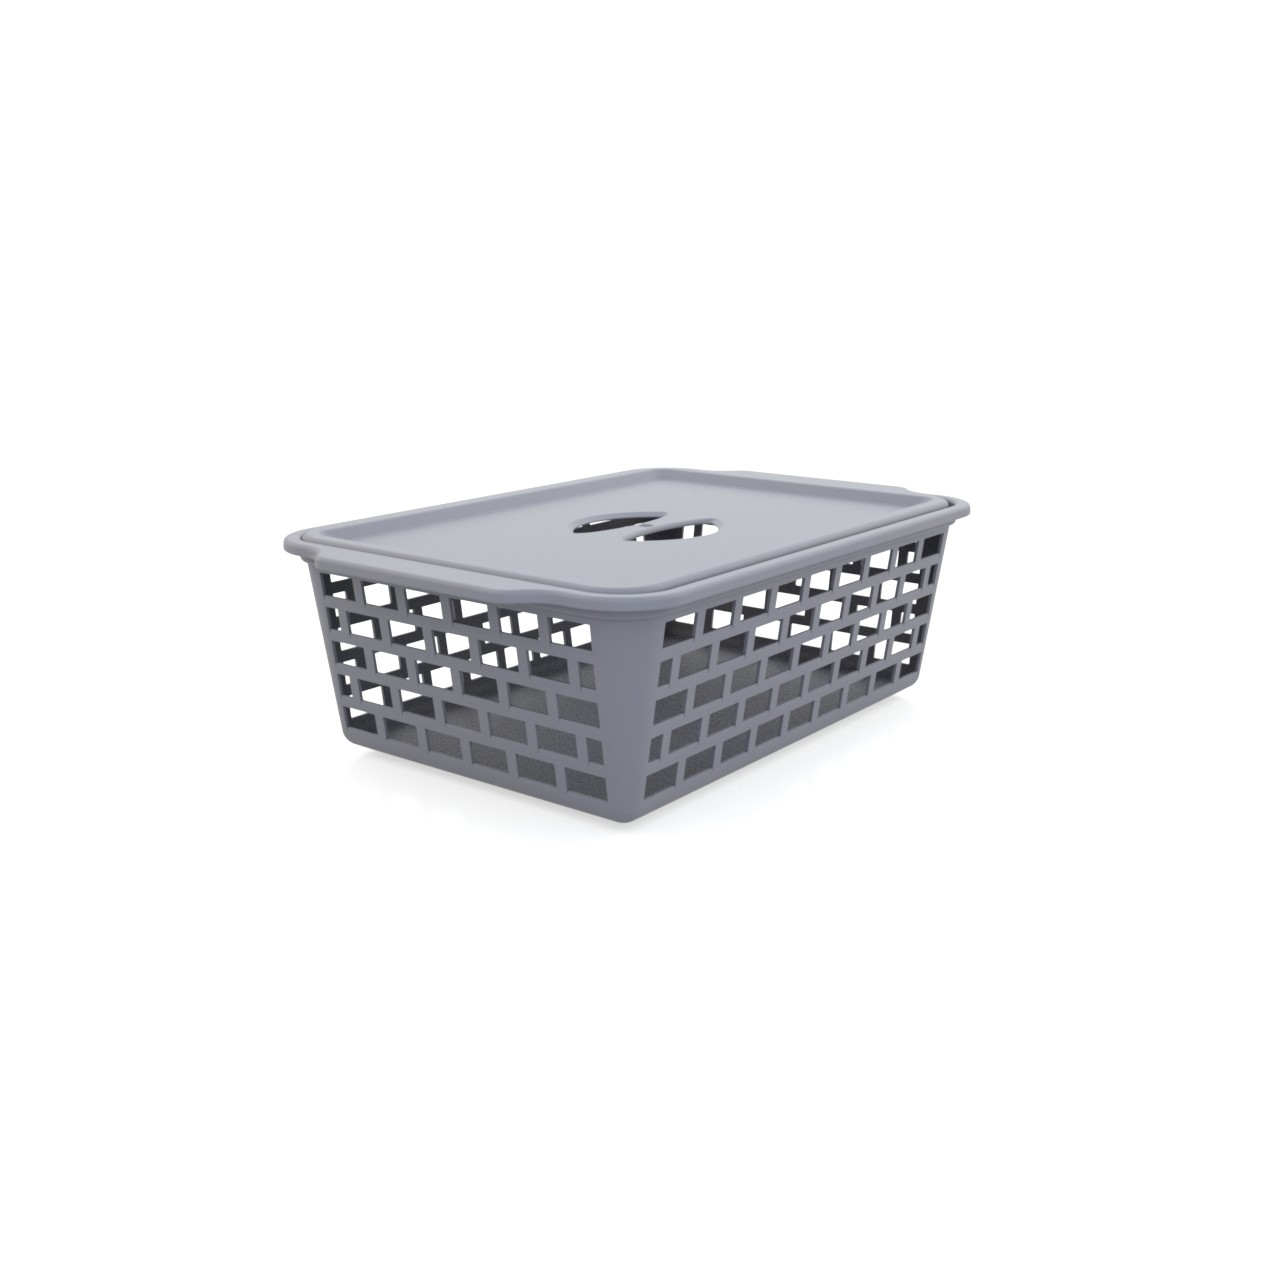 Cesta Organizadora Vazada de Plastico com Tampa 195 x 295 cm Cinza Utility - 1102